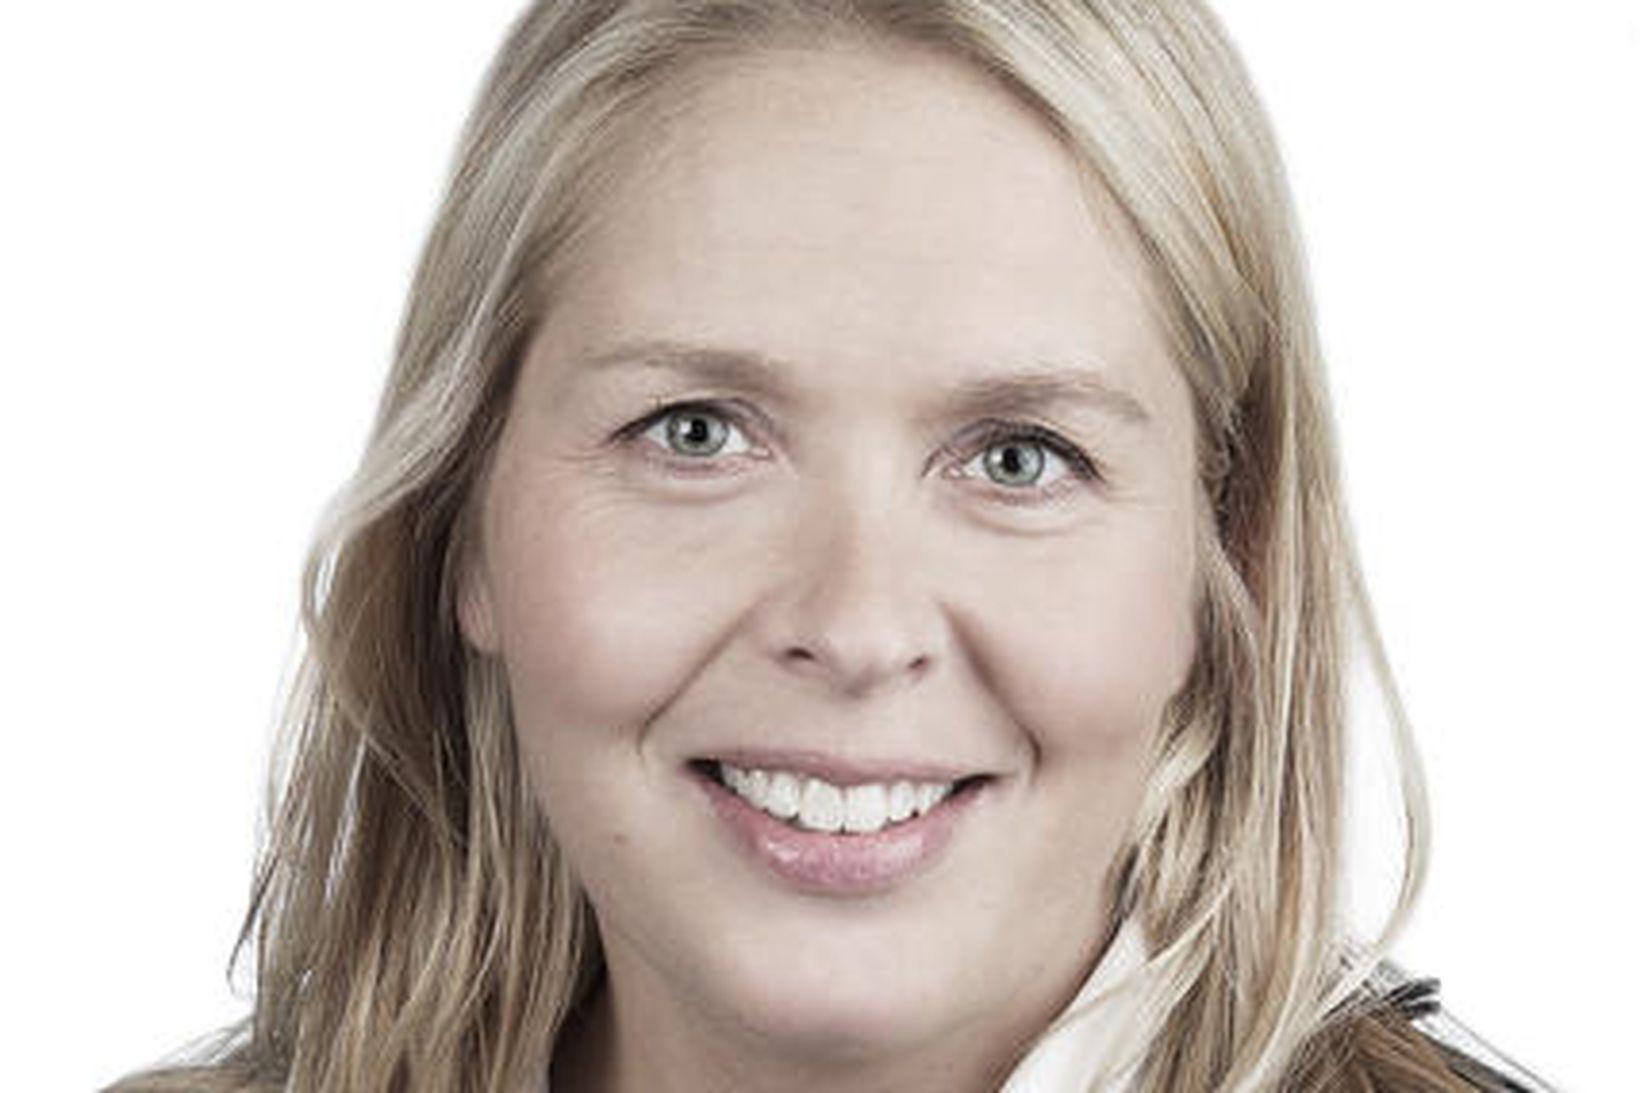 Sveinbjörg Birna Sveinsbjörnsdóttir